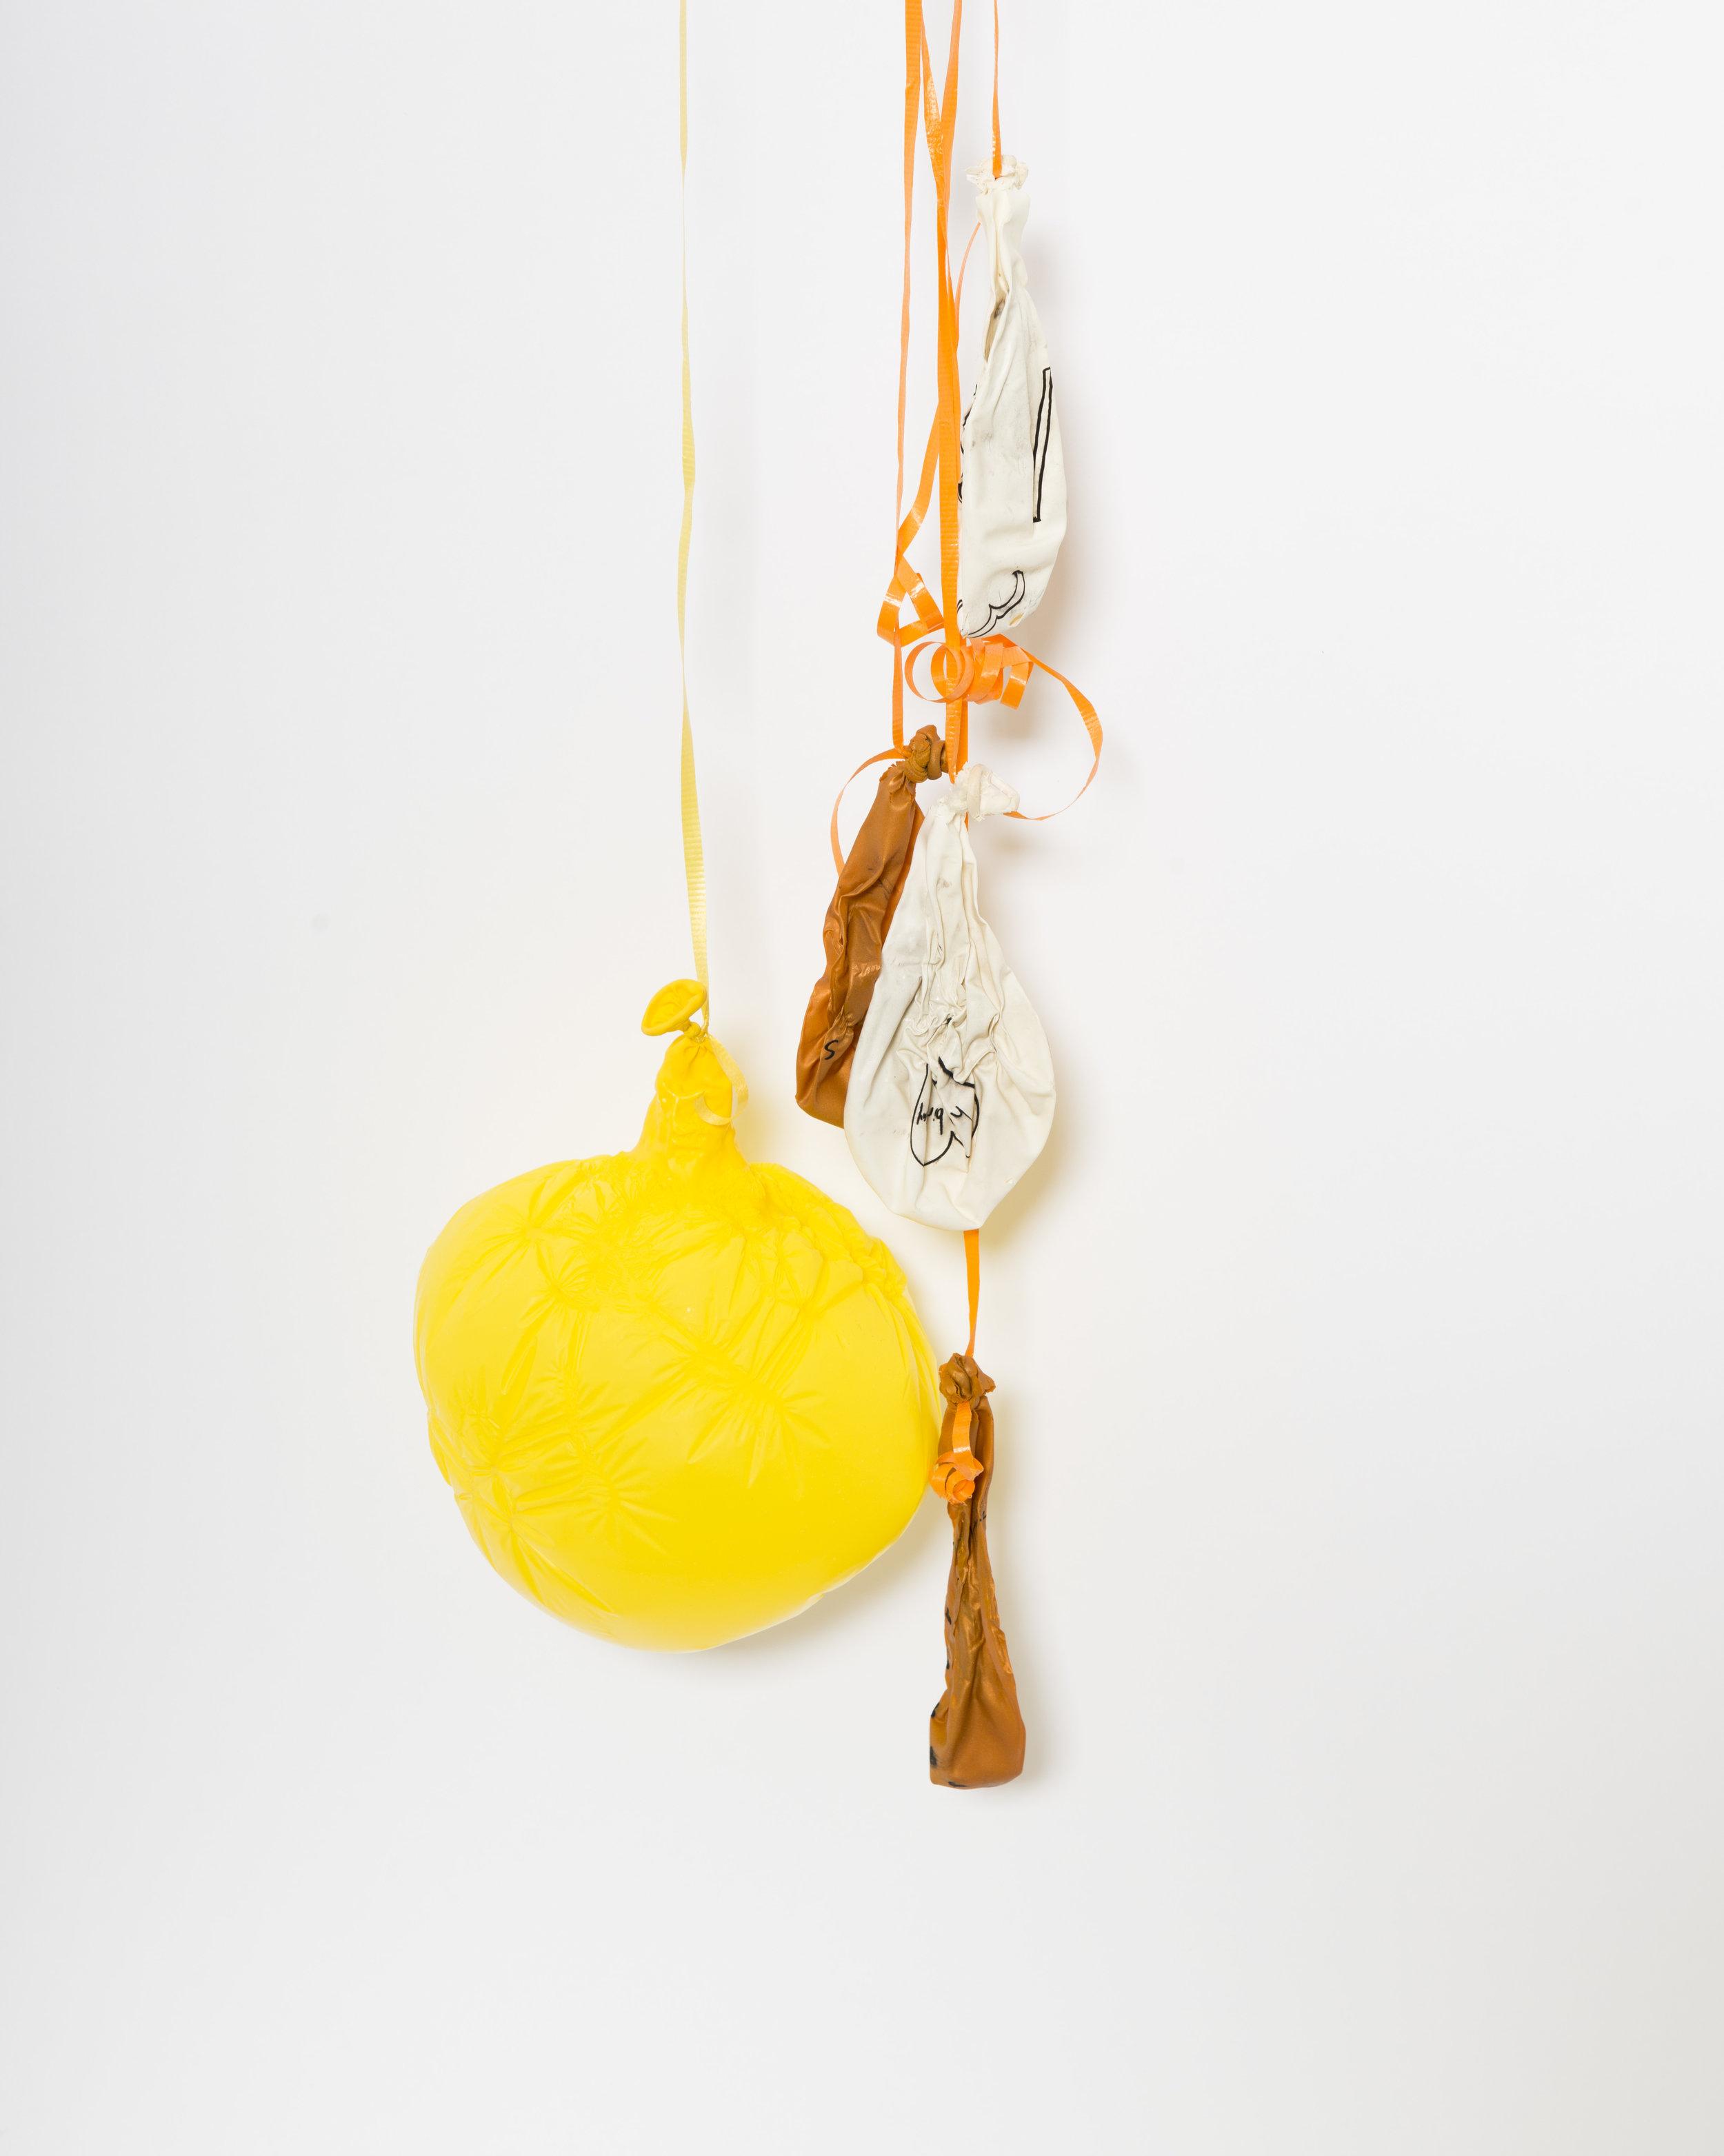 preserve-kale-yellow_17839388610_o.jpg